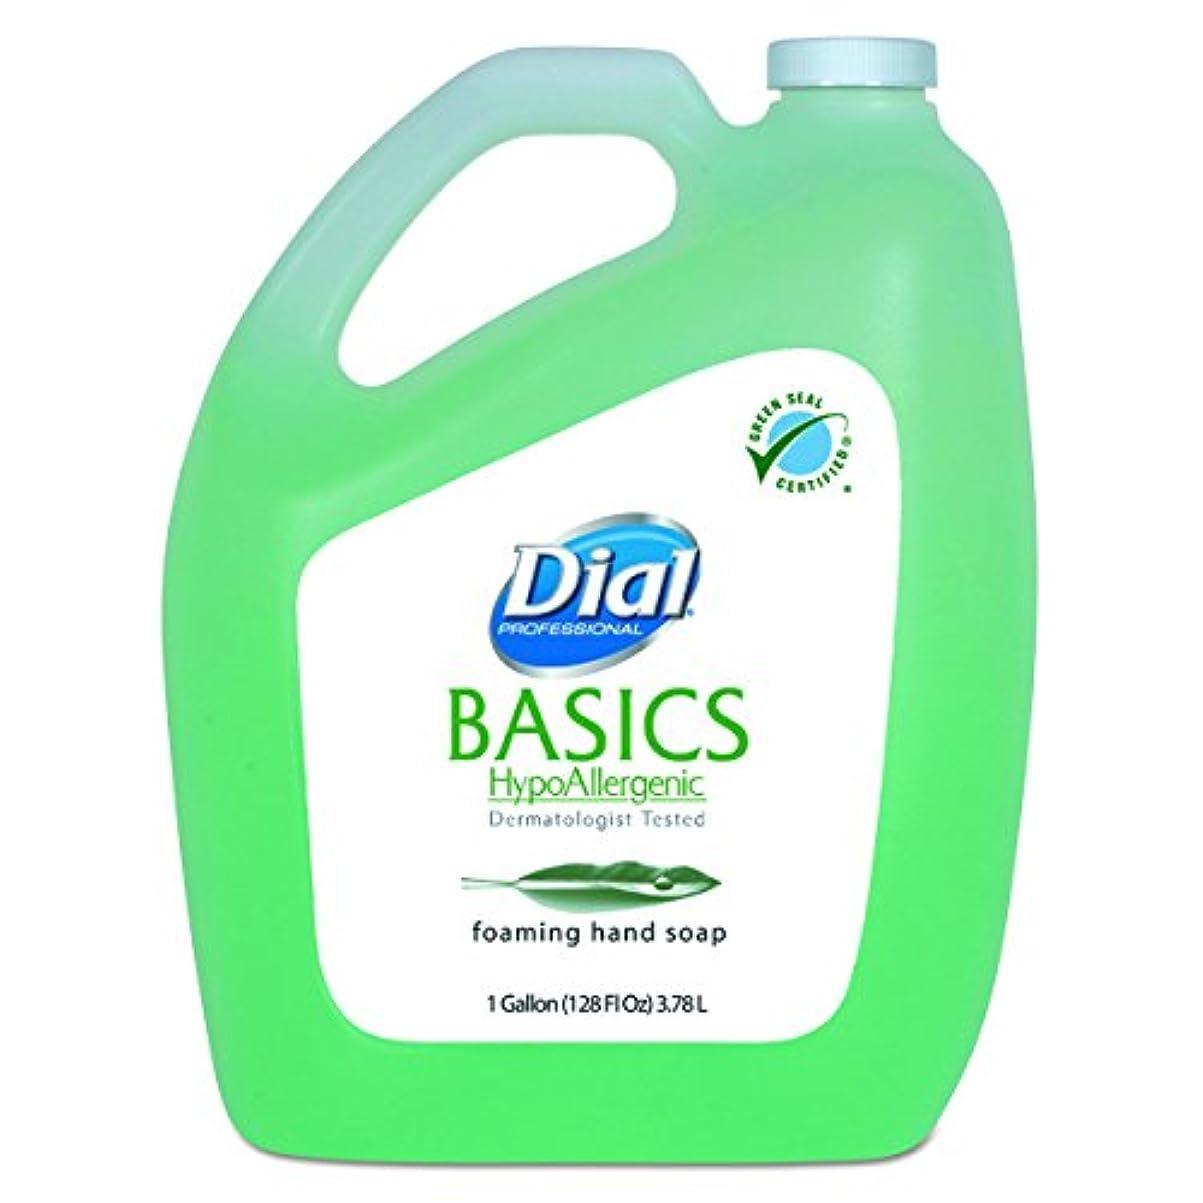 ペスト隠された解凍する、雪解け、霜解けダイヤルProfessional Basics Foaming Hand Soap、オリジナル、スイカズラ、1ガロンボトル、4 /カートン